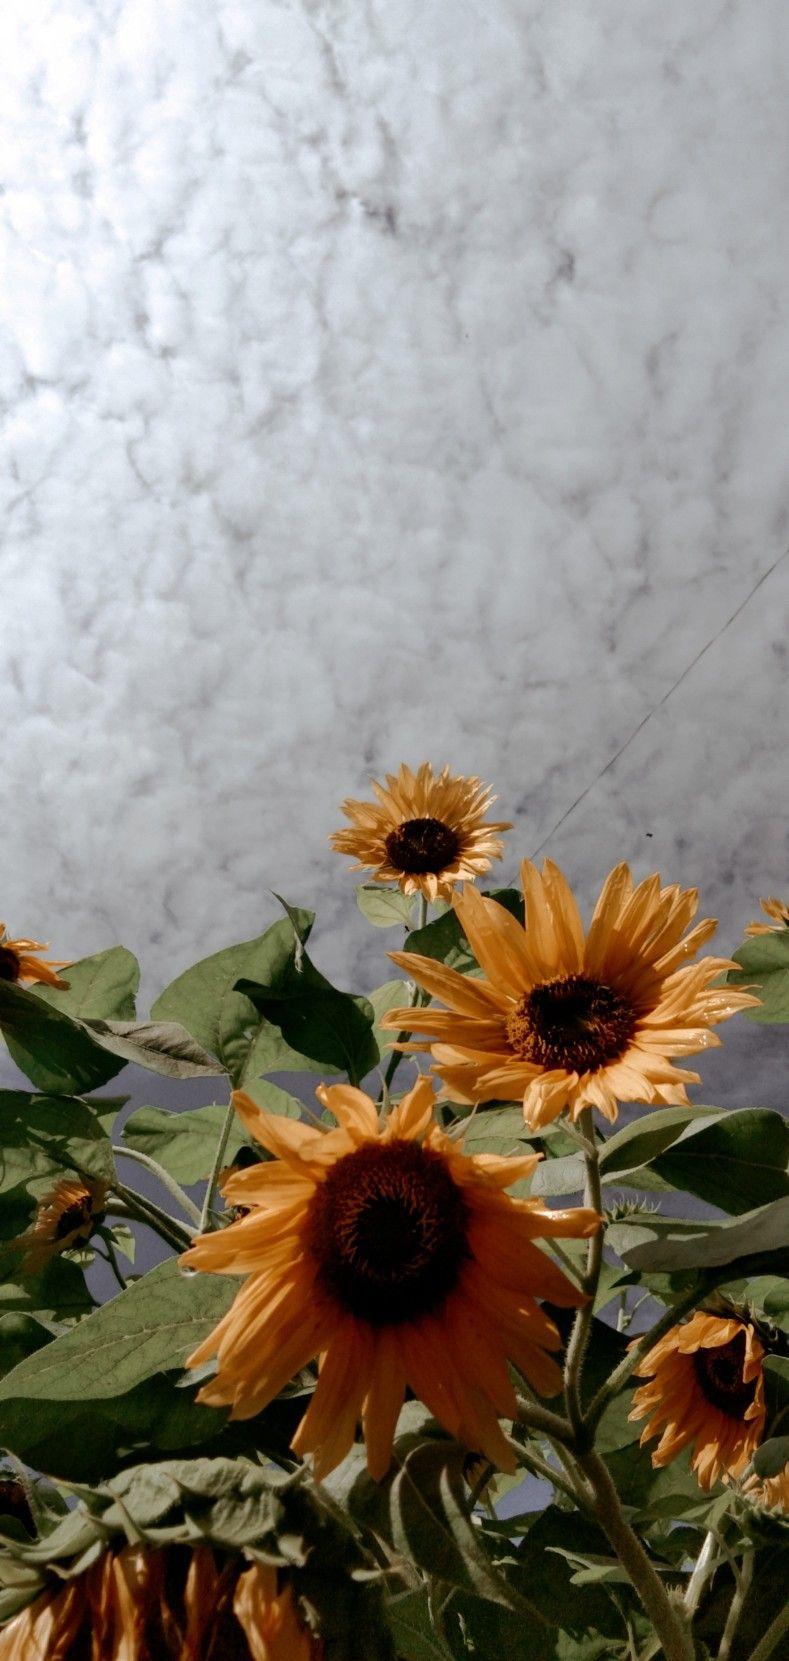 Bunga Matahari Sunflower Wallpaper Sunflowers Background Beautiful Flowers